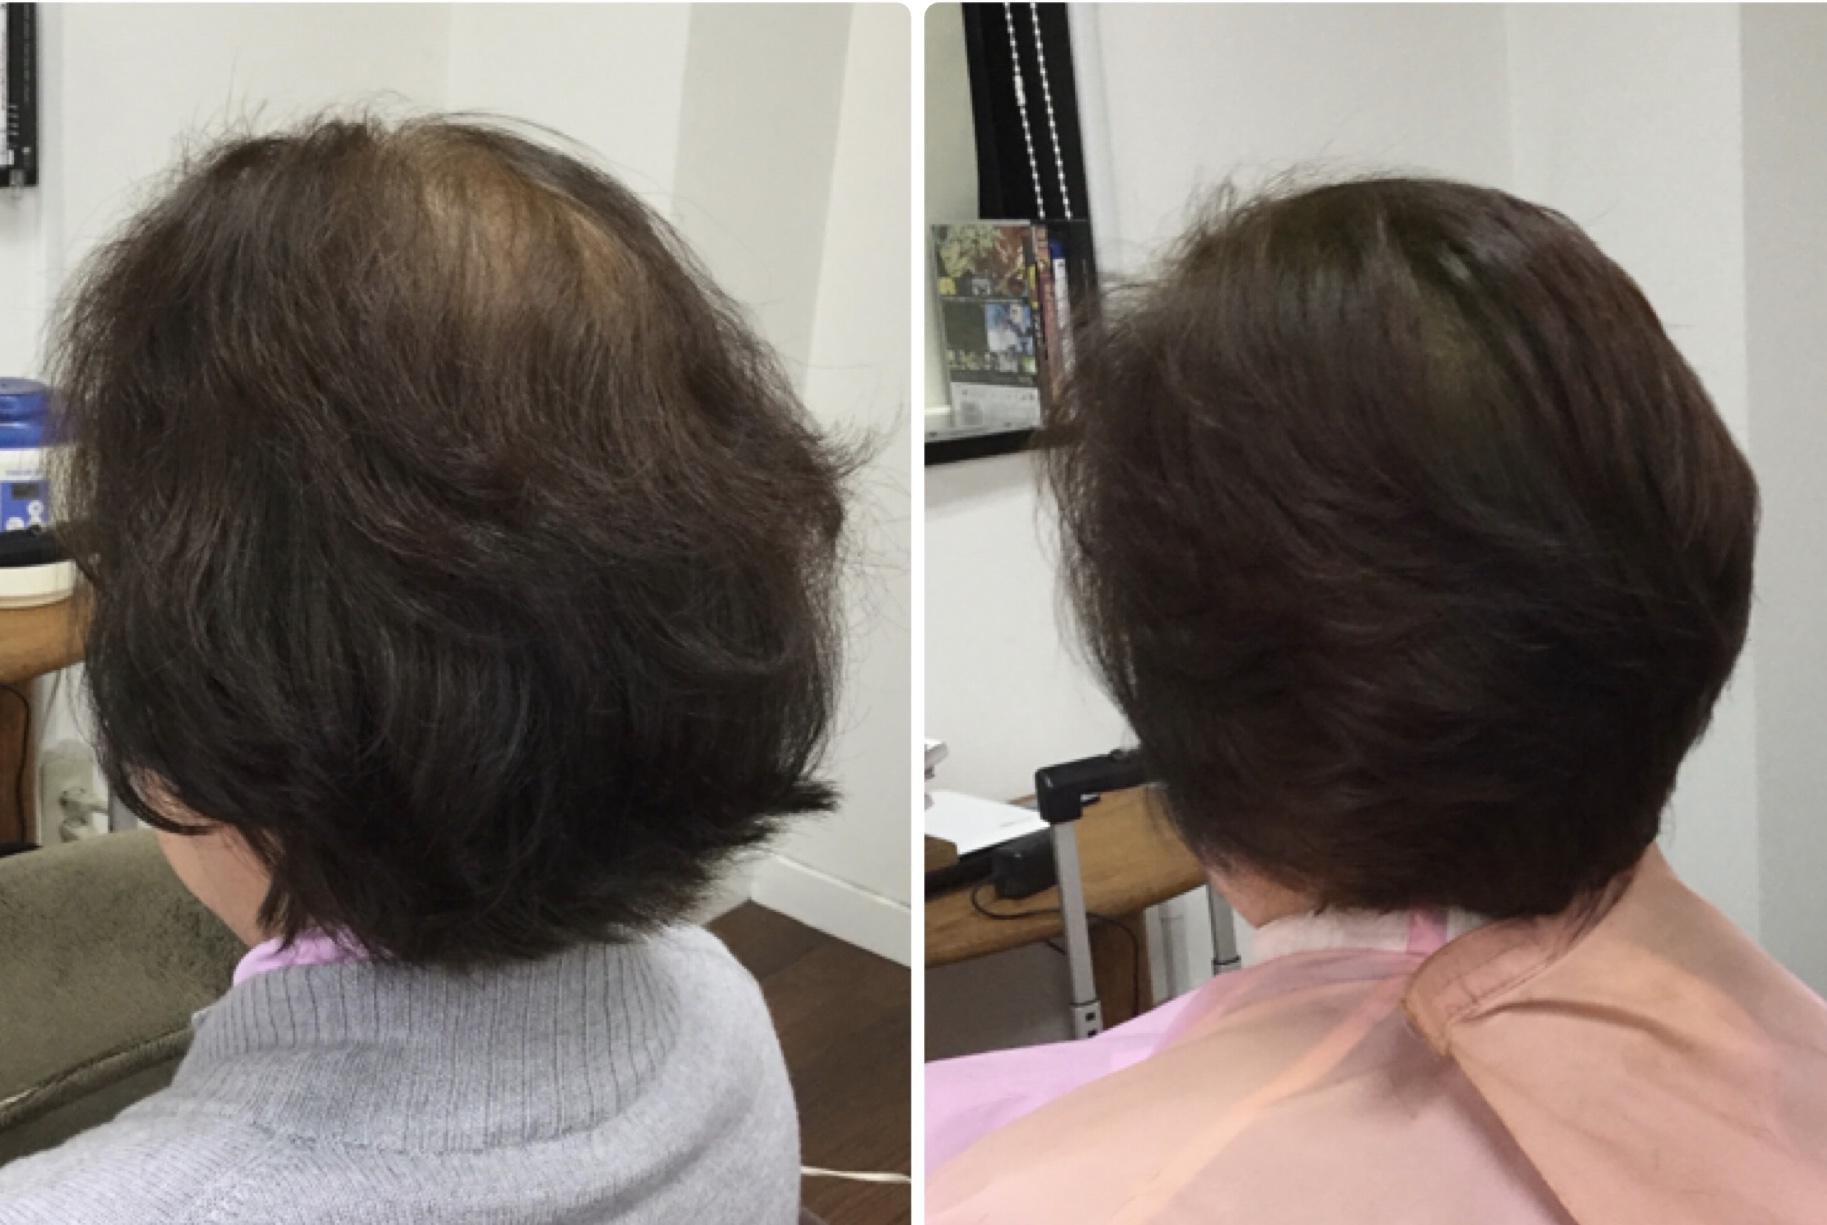 くせ毛細毛ハネる加齢毛に【スキハサミを使わないカット 】で解決し華麗毛に